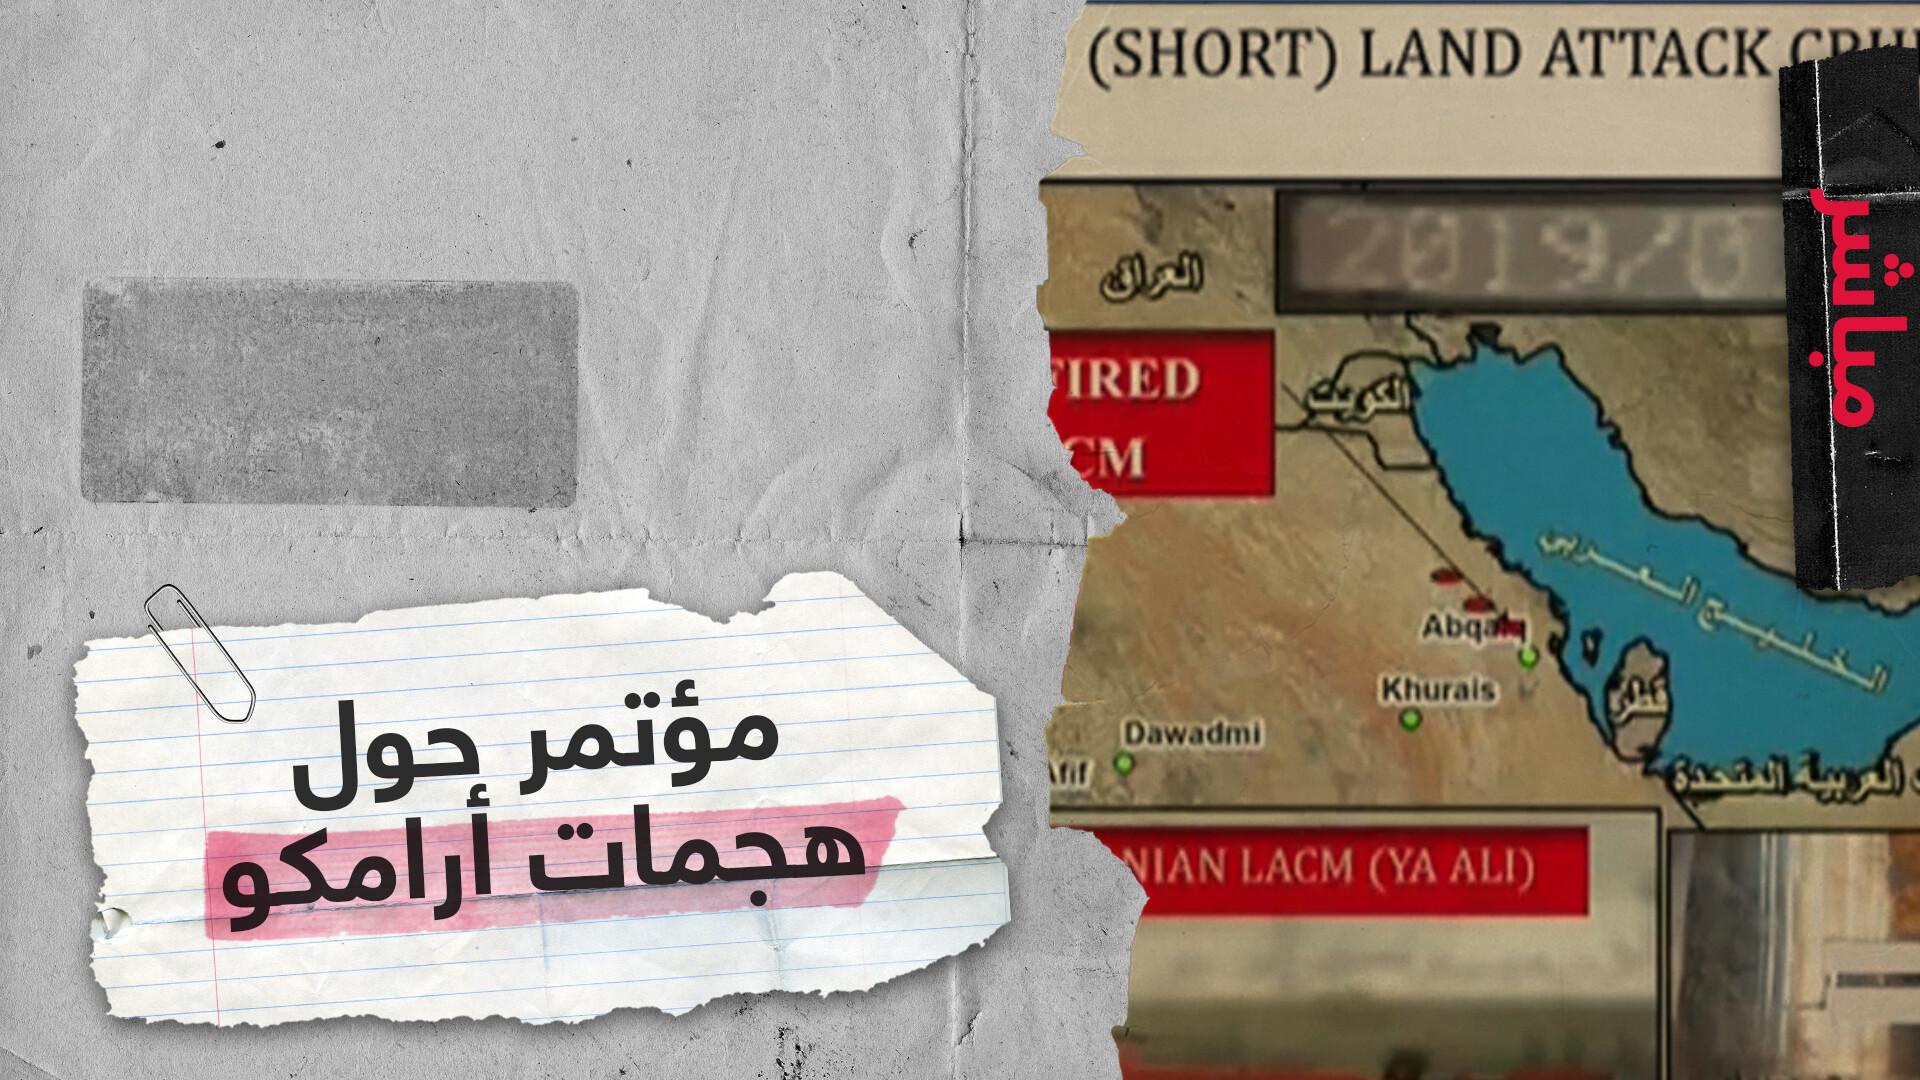 مؤتمر صحفي لوزارة الدفاع السعودية عن هجمات أرامكو